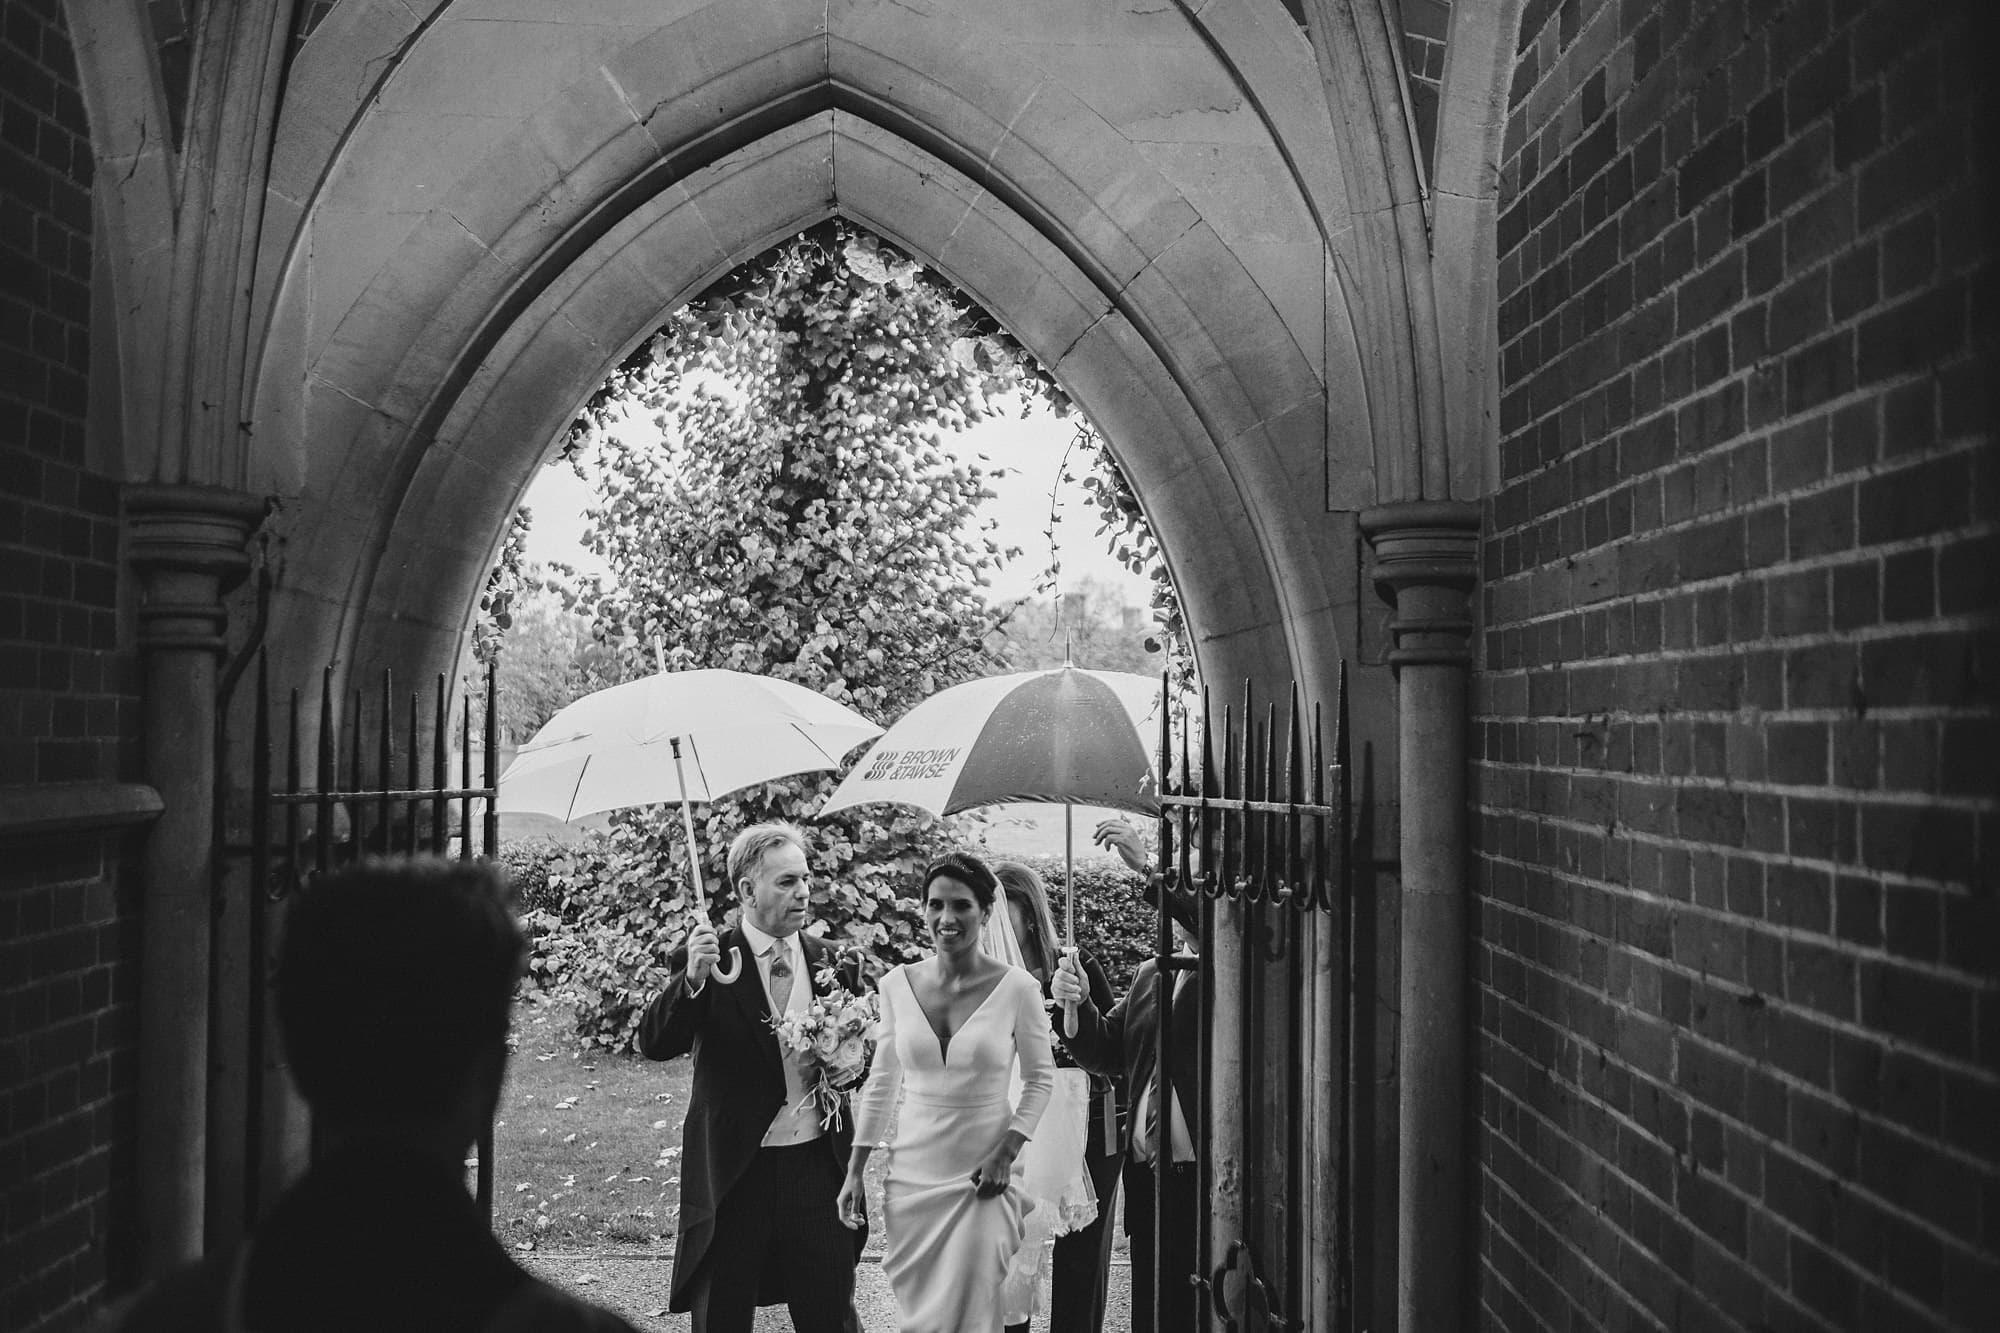 fulham palace wedding photographer ok 029 - Olivia + Kyle